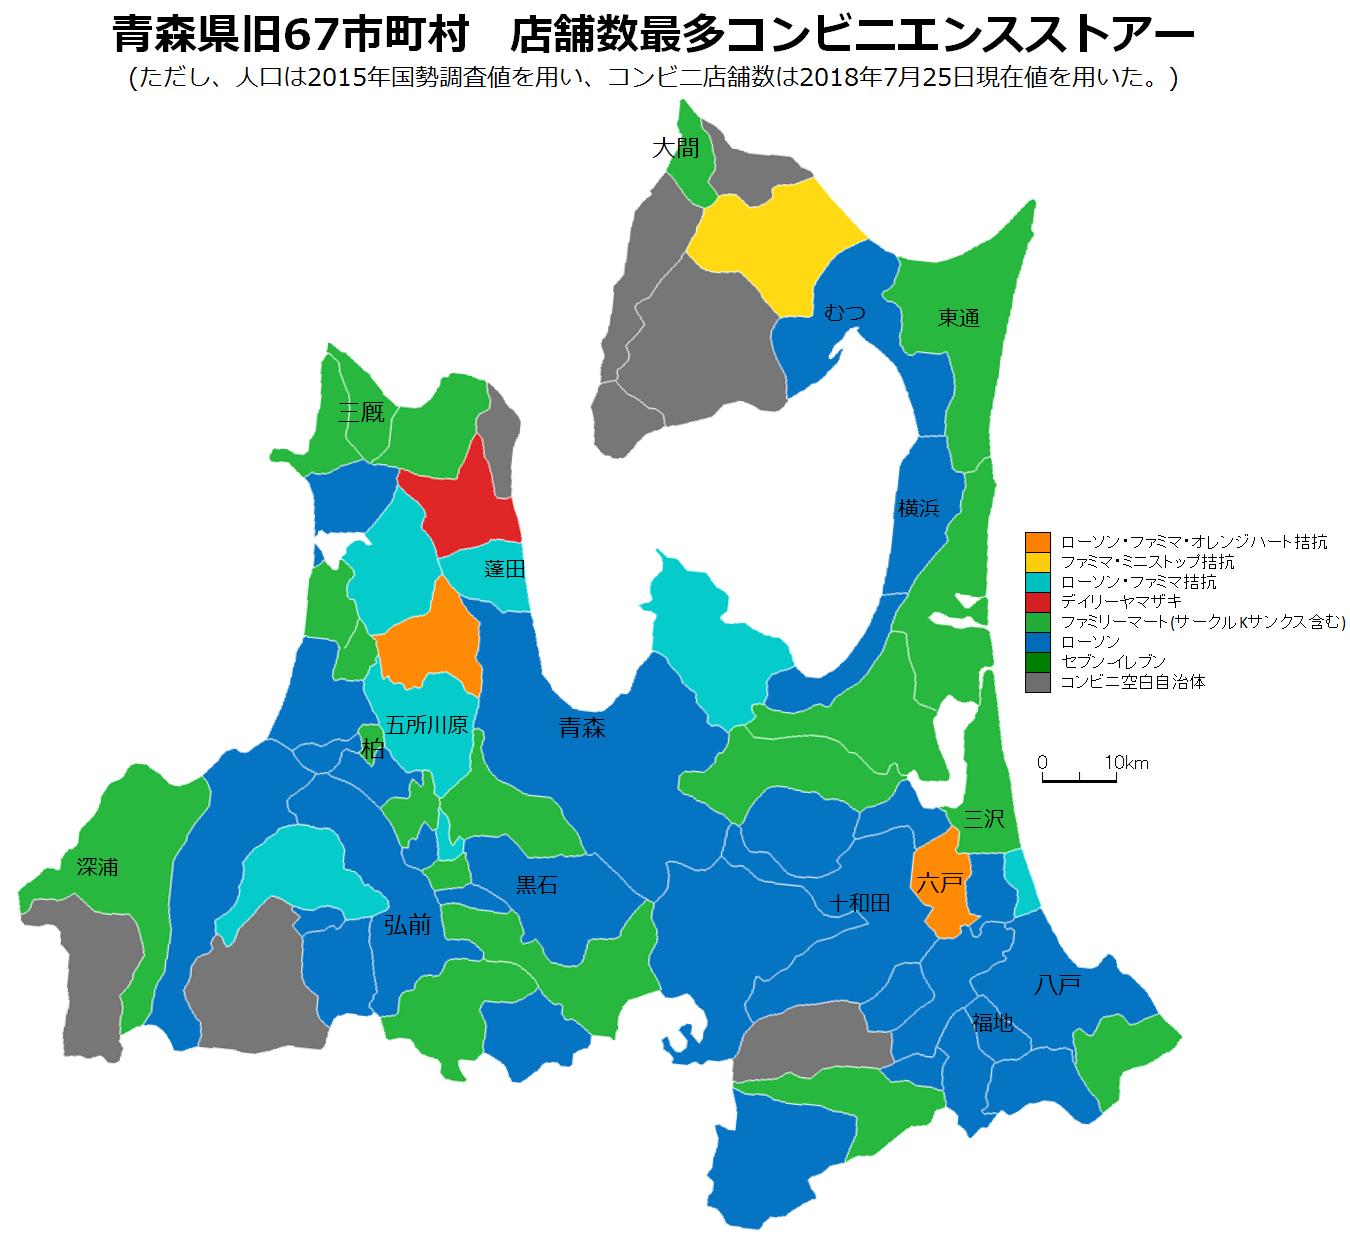 ブロ玉(Blog Saitama)日記・一般・旅行記      青森県旧67市町村のコンビニ設置状況をみてみる    コメント